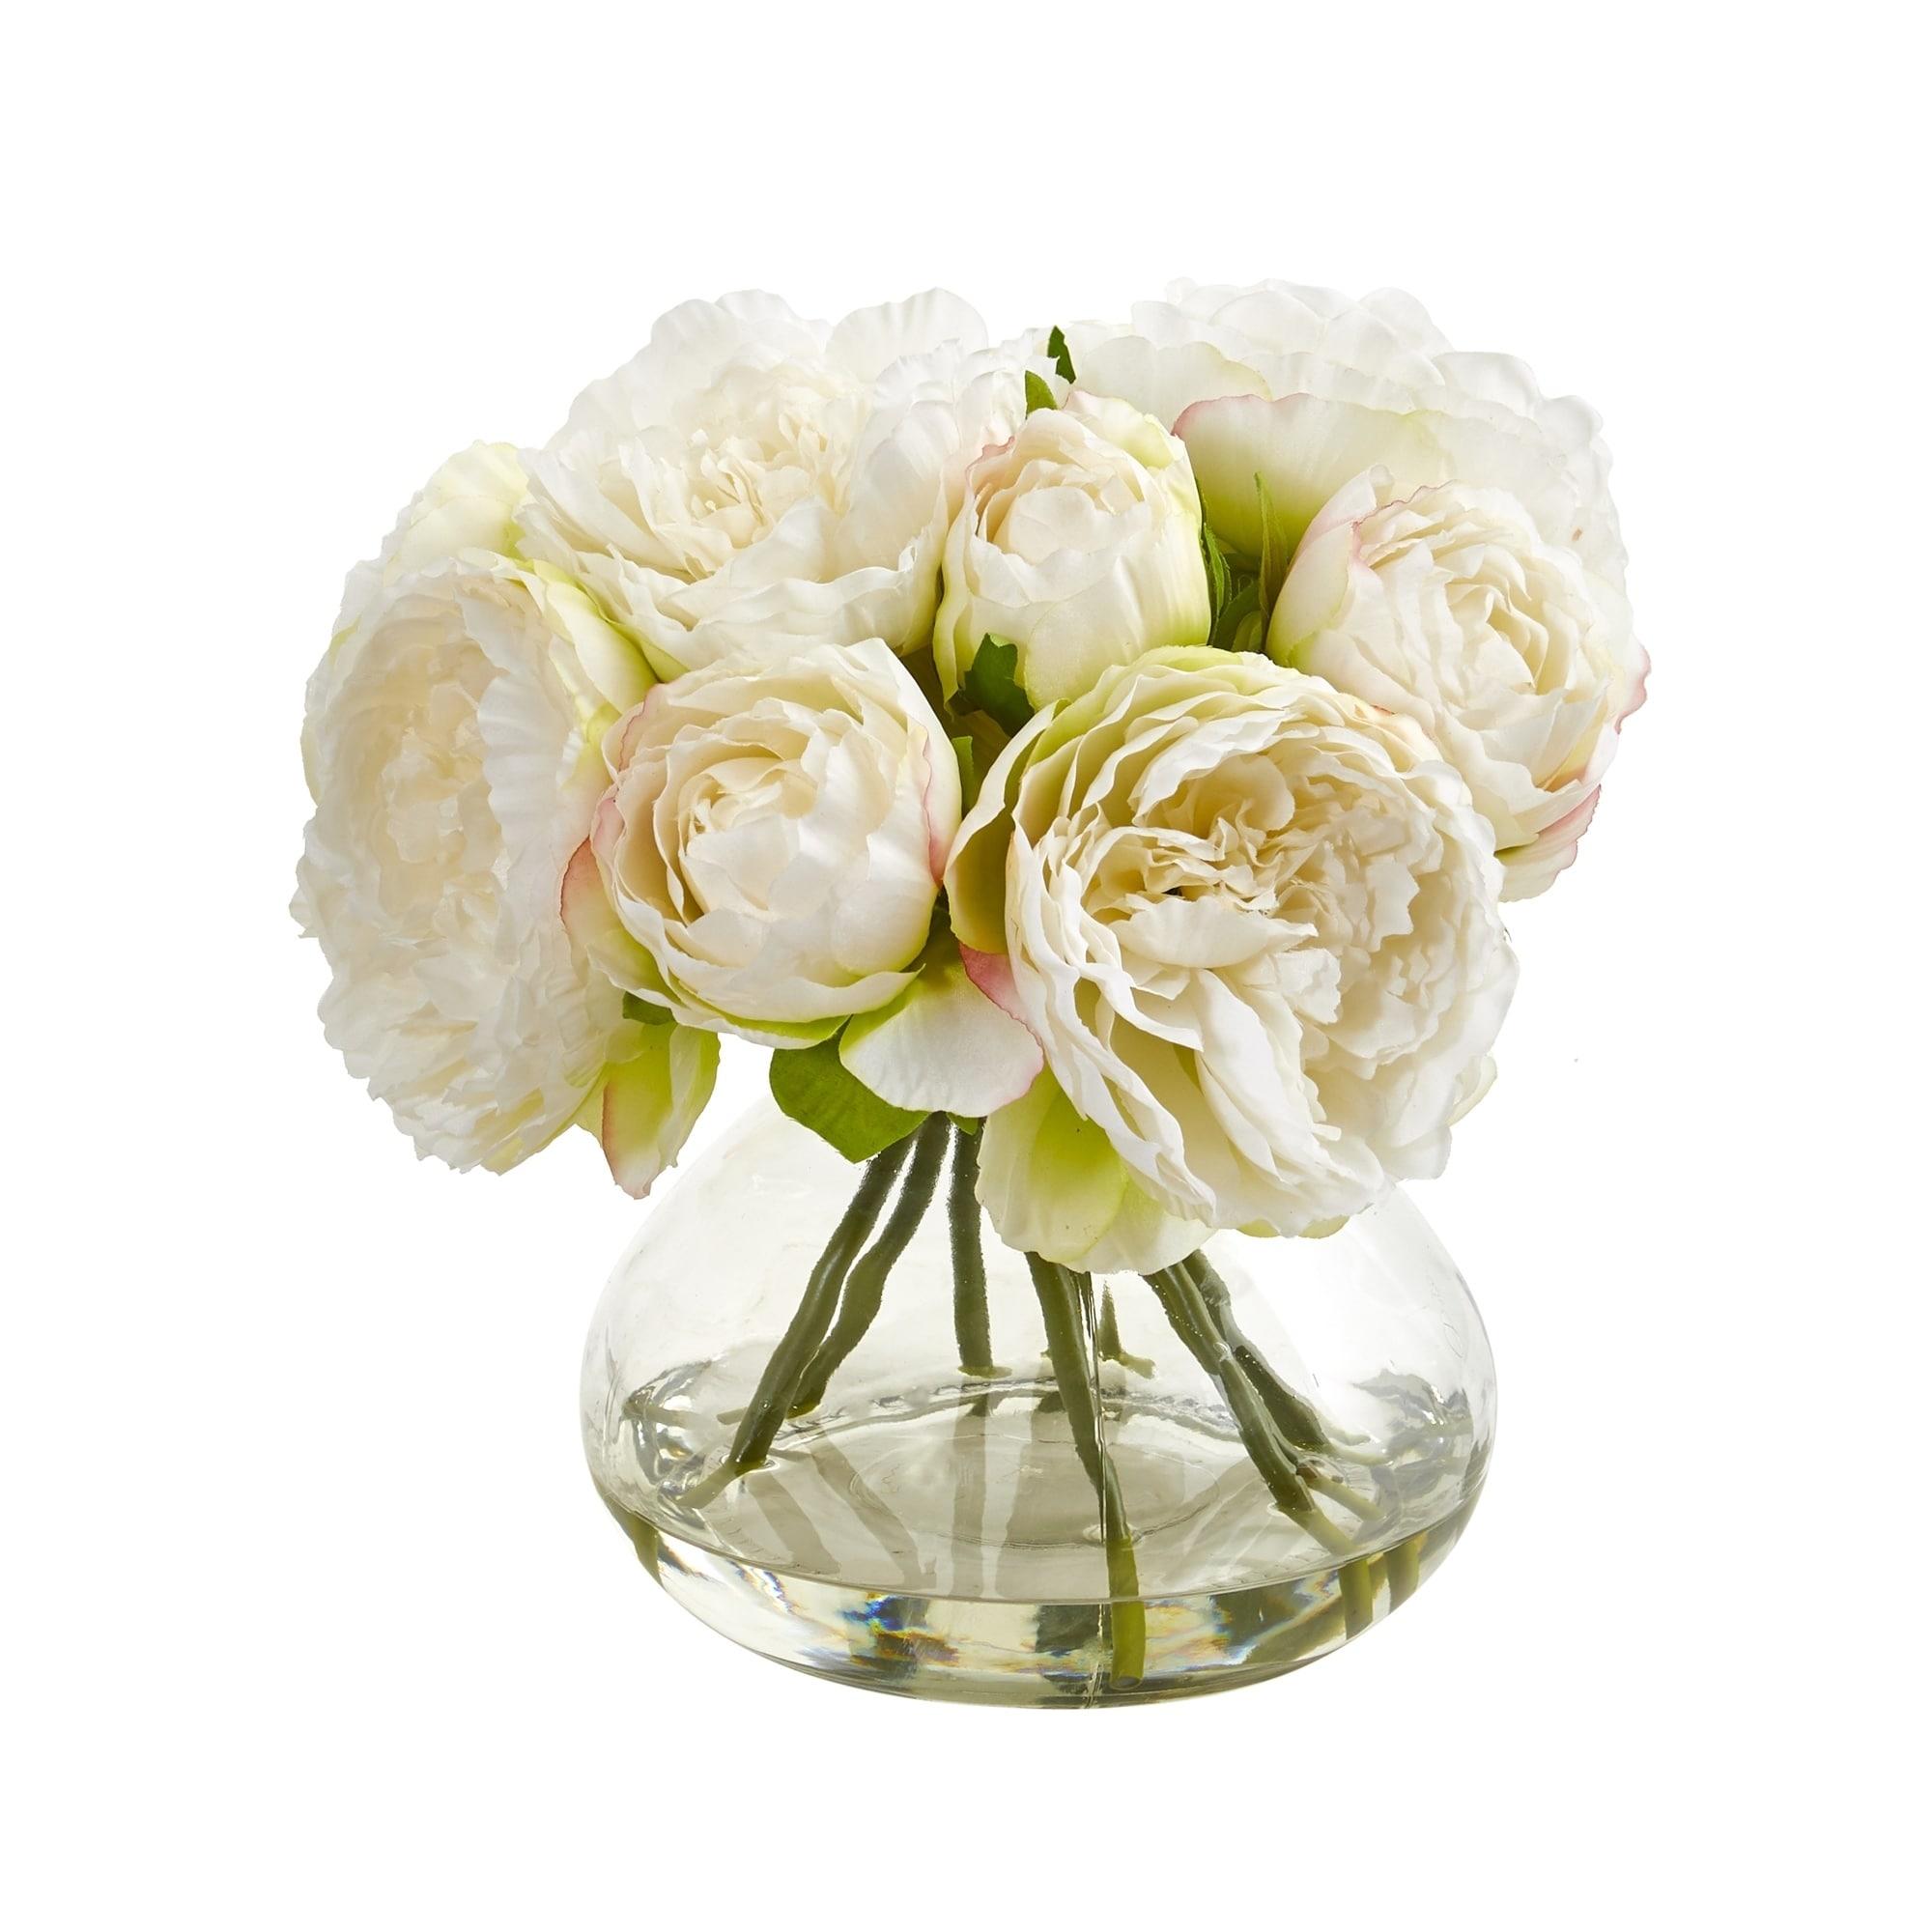 Peony Artificial Arrangement in Vase